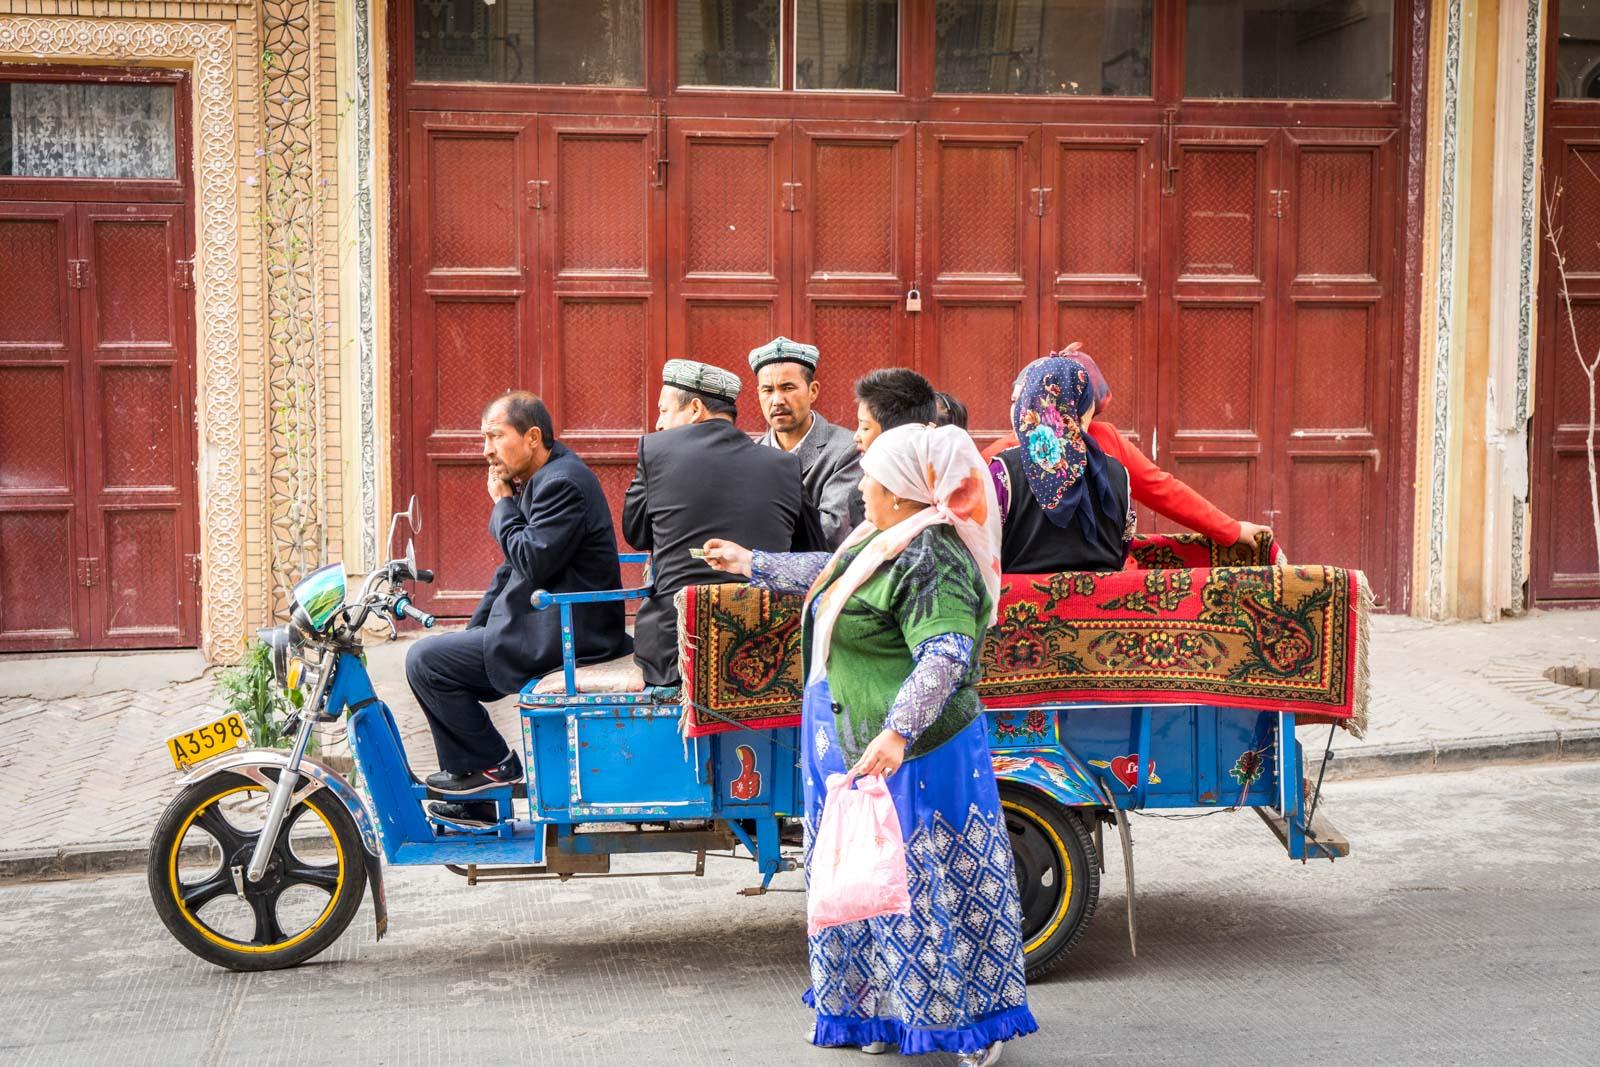 Kashgar Old City, China